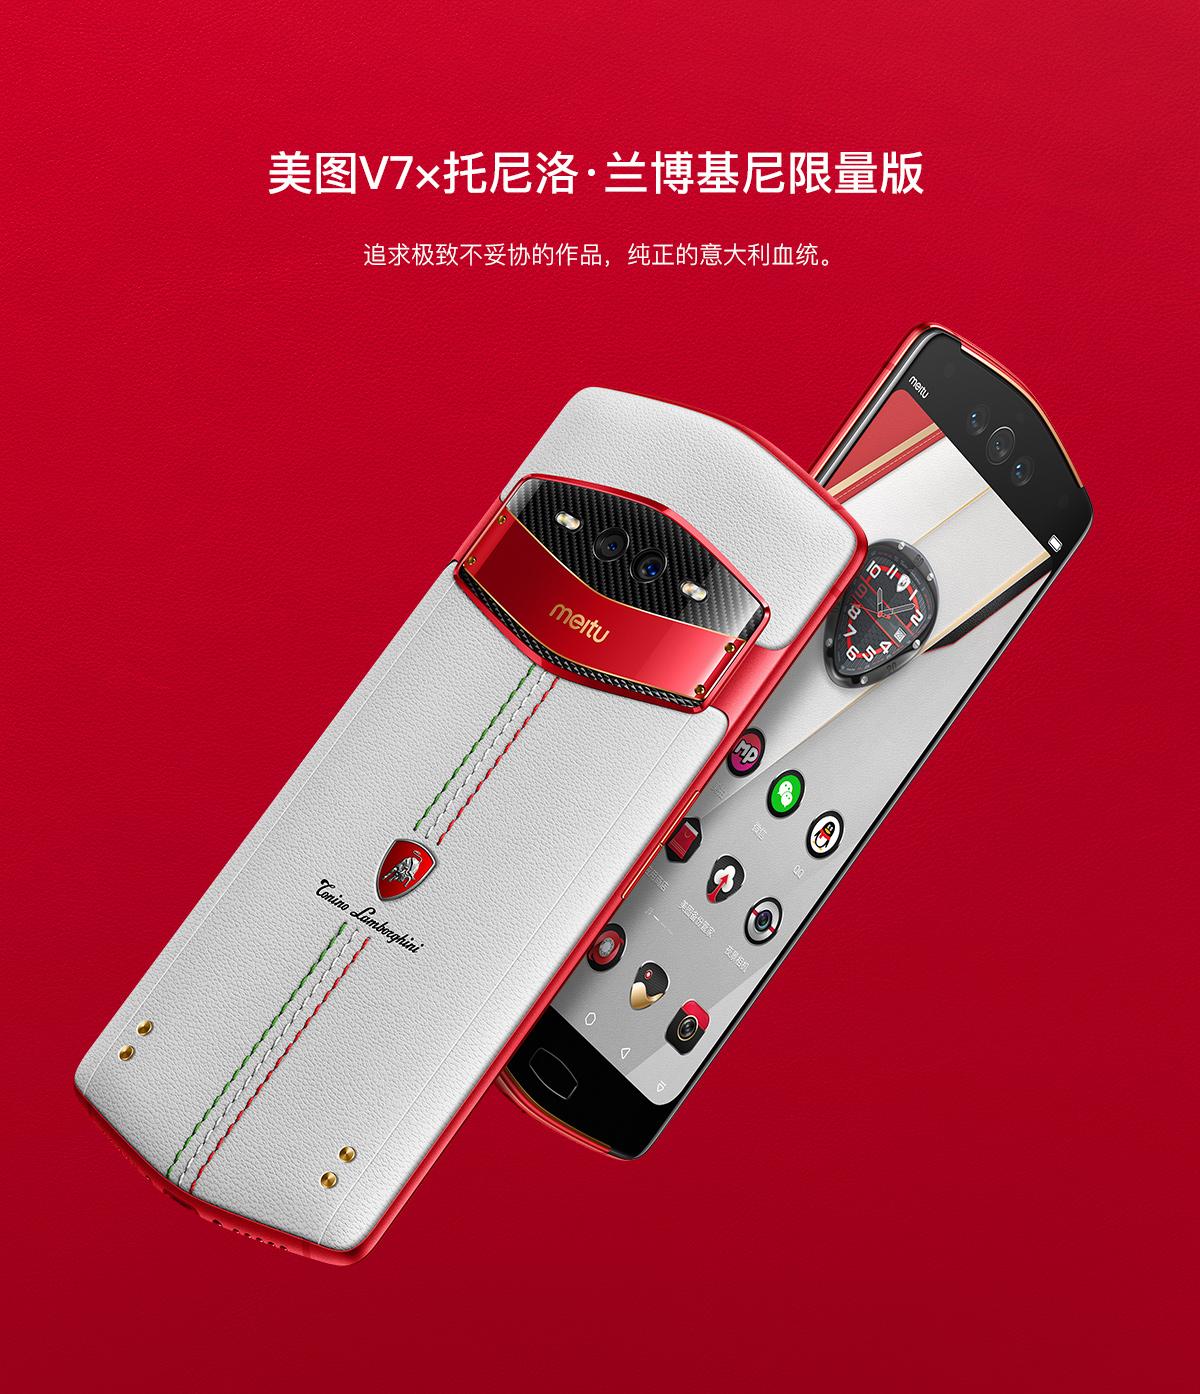 全新美图V7曝光  系全球首款前置三摄手机